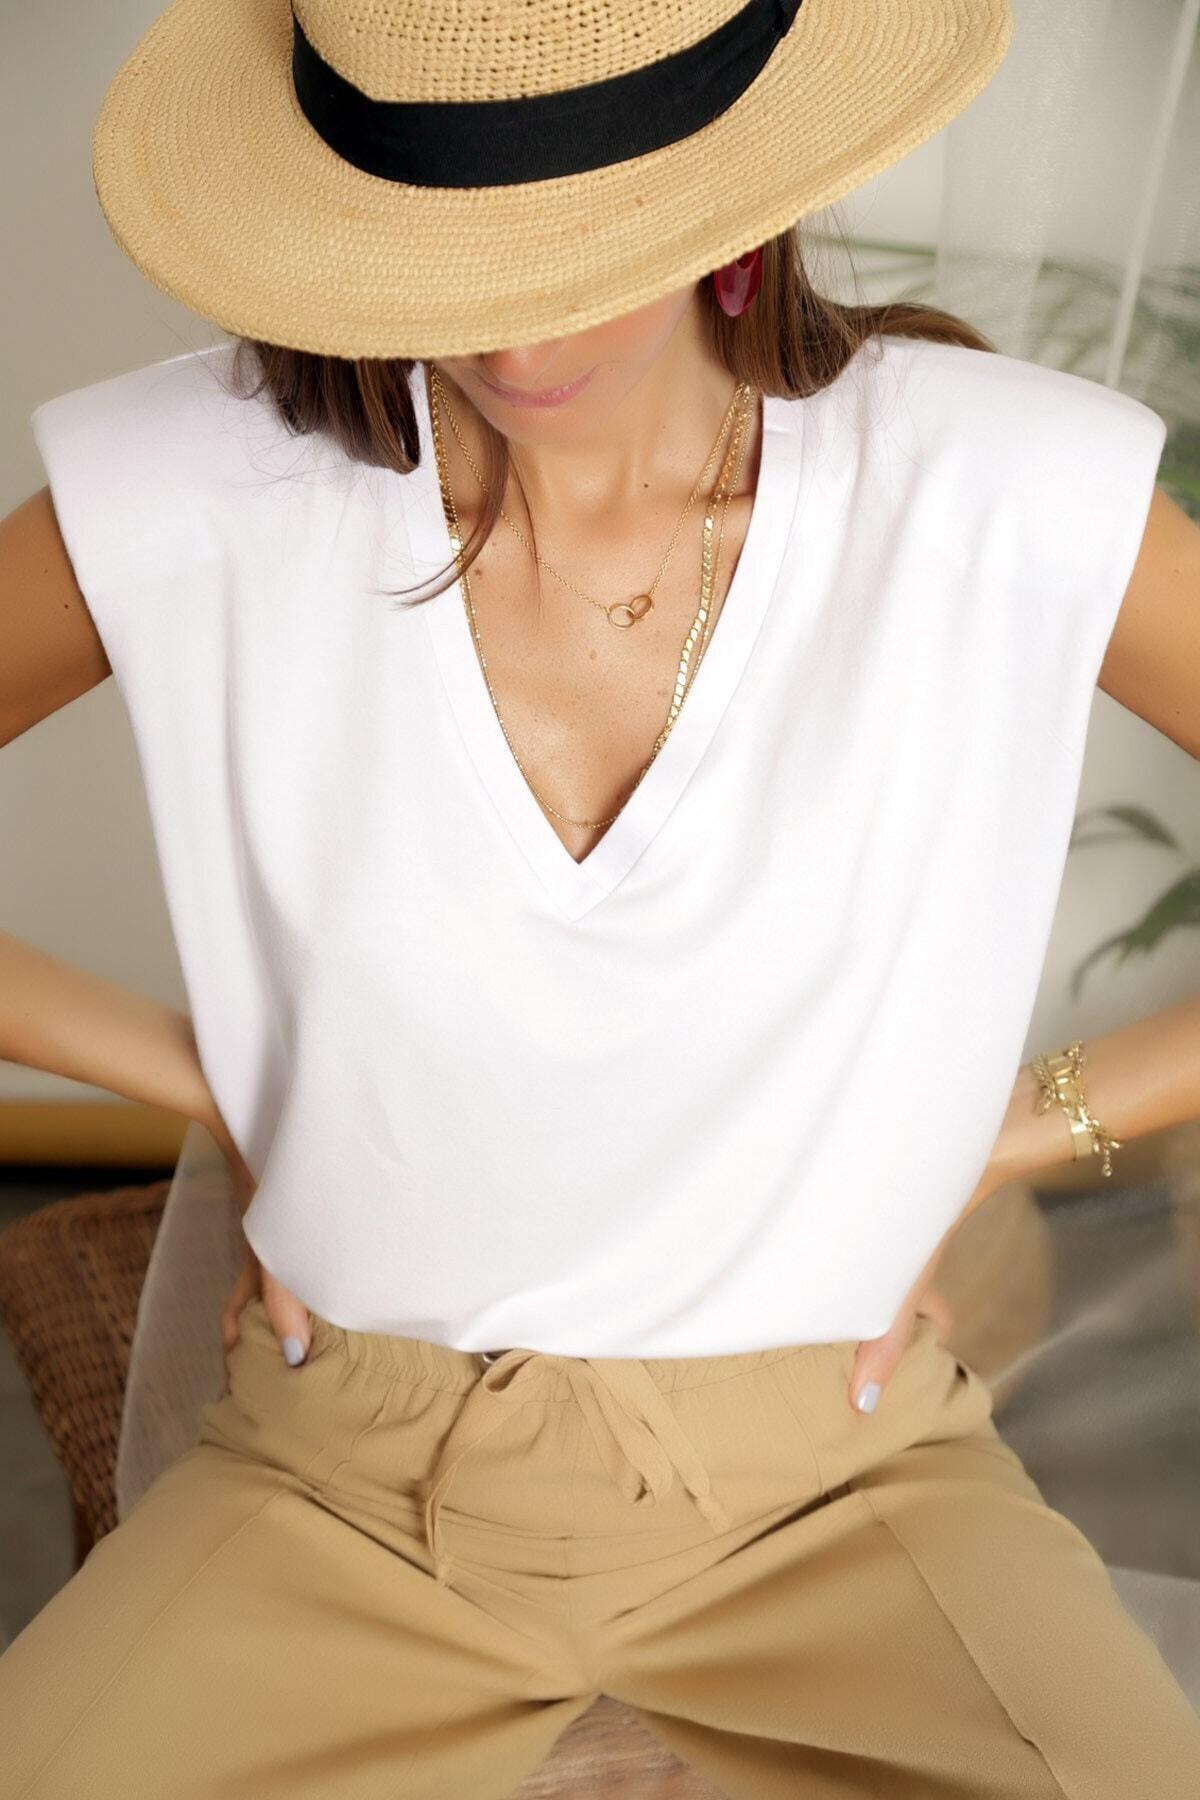 ARYA FASHION Kadın Beyaz Özel Tasarım V Yaka Göğüs Dekolteli Seksi Kolsuz Bol Kesim Tarz Vatkalı Bluz 1